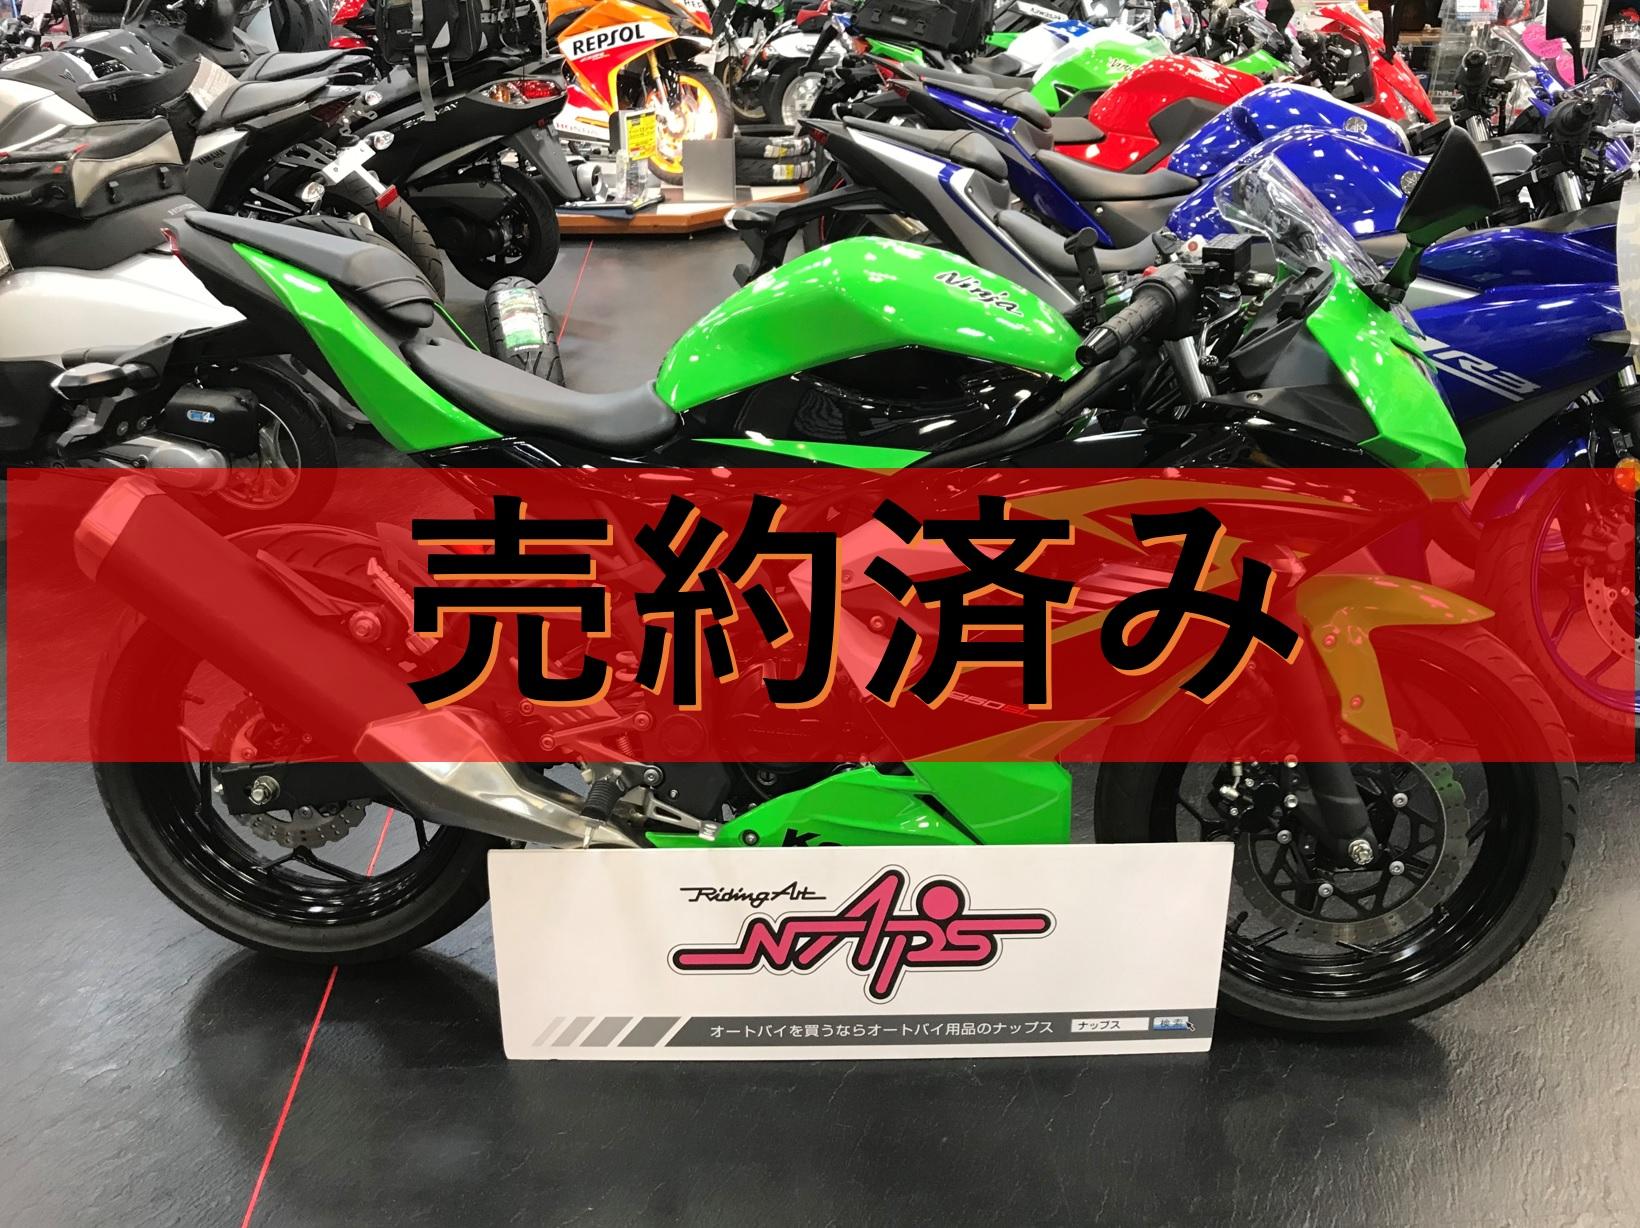 KAWASAKI 【販売車両】NINJA250SL エンジンスライダー/ETC/ハンドルステー付き